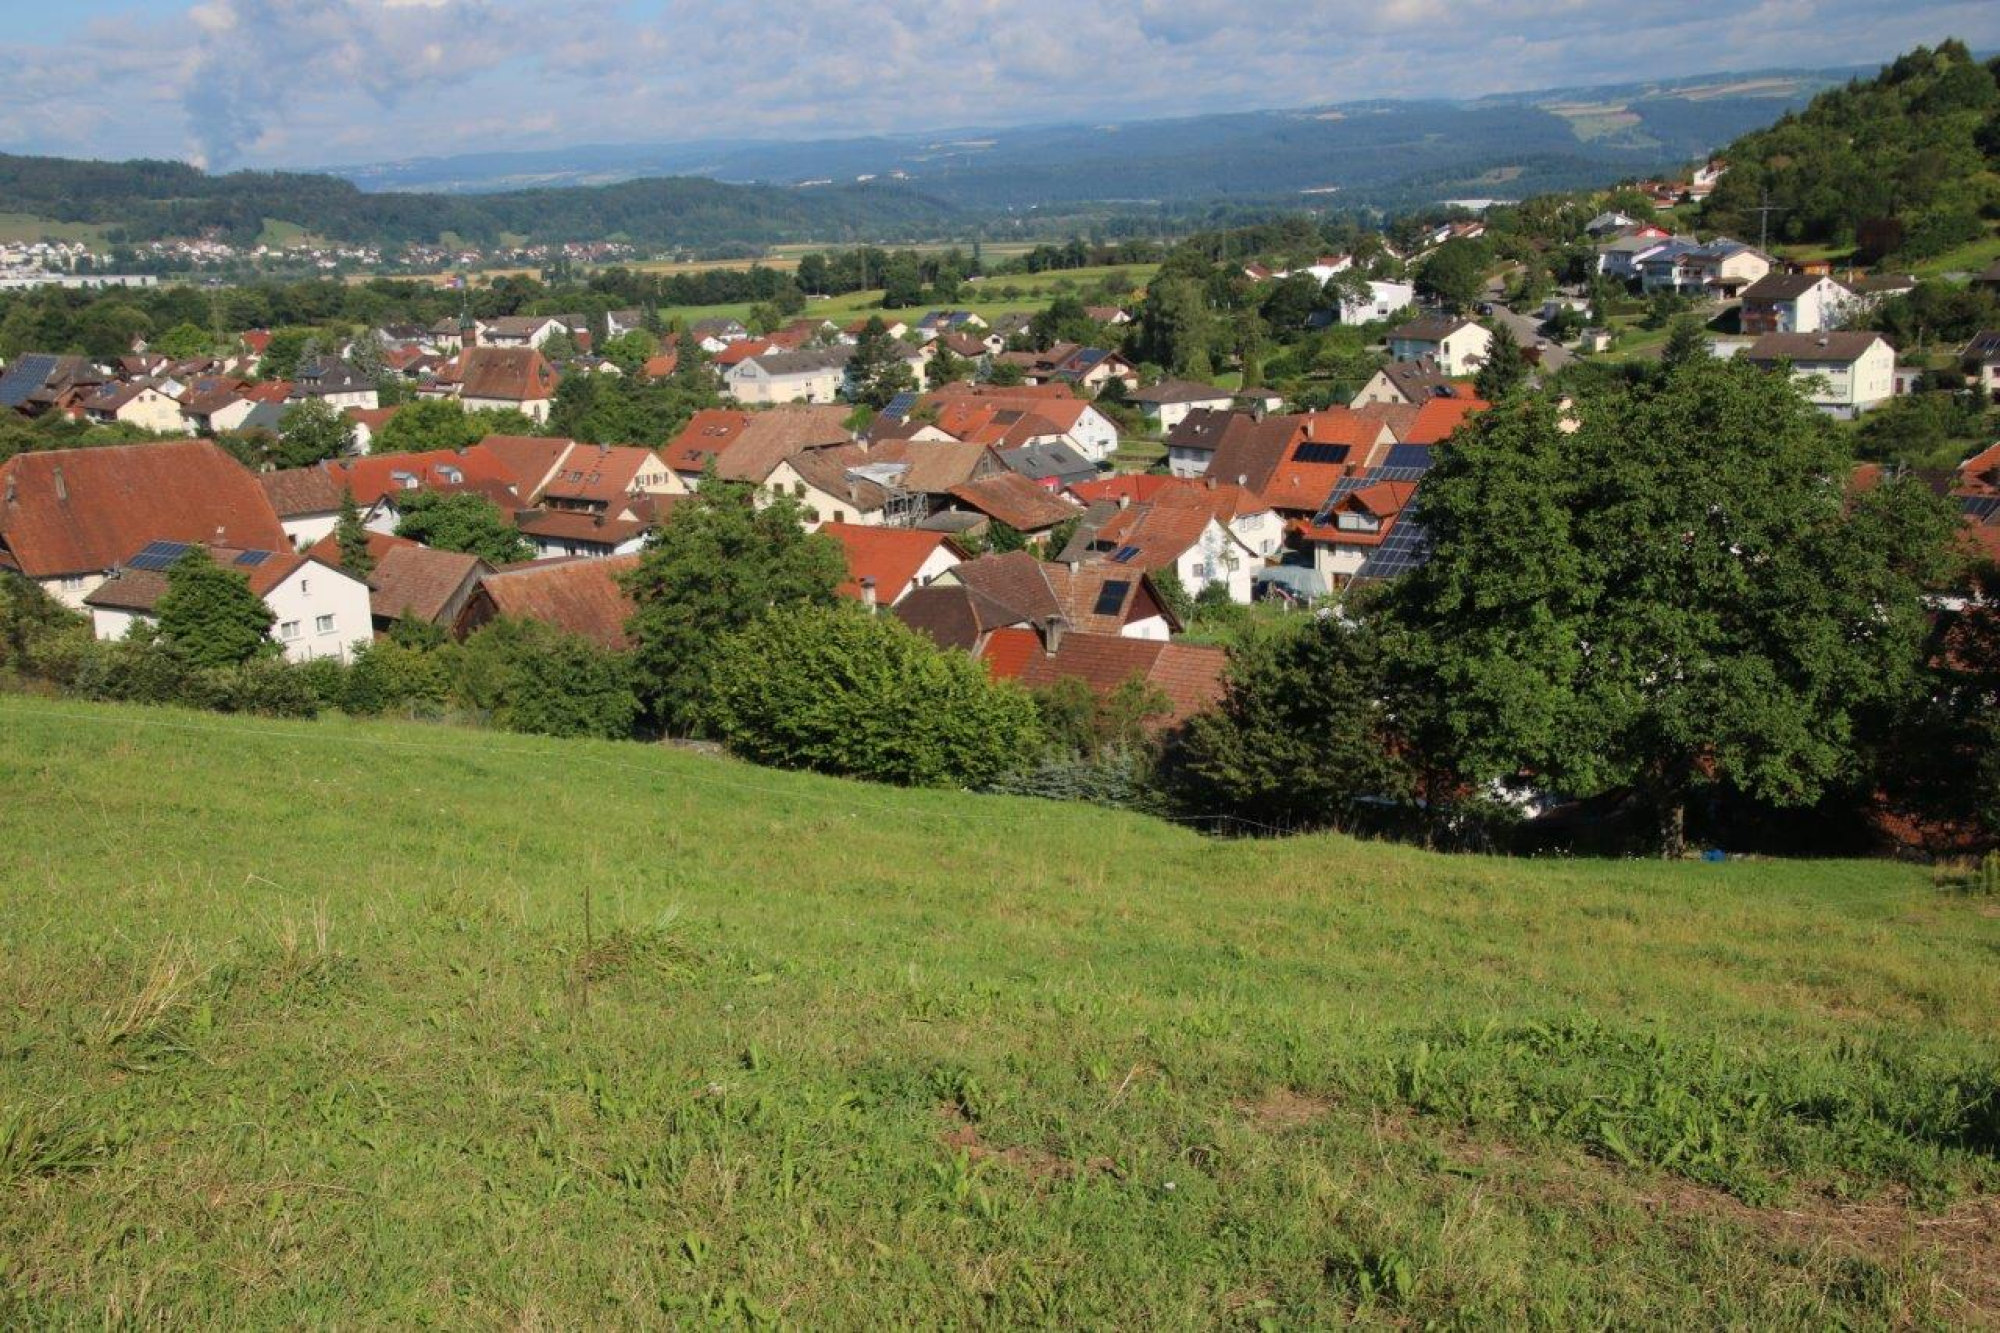 Quelle: Gemeinde und Bürgergemeinschaft Küssaberg, Rolf Bendel, Küssaberg